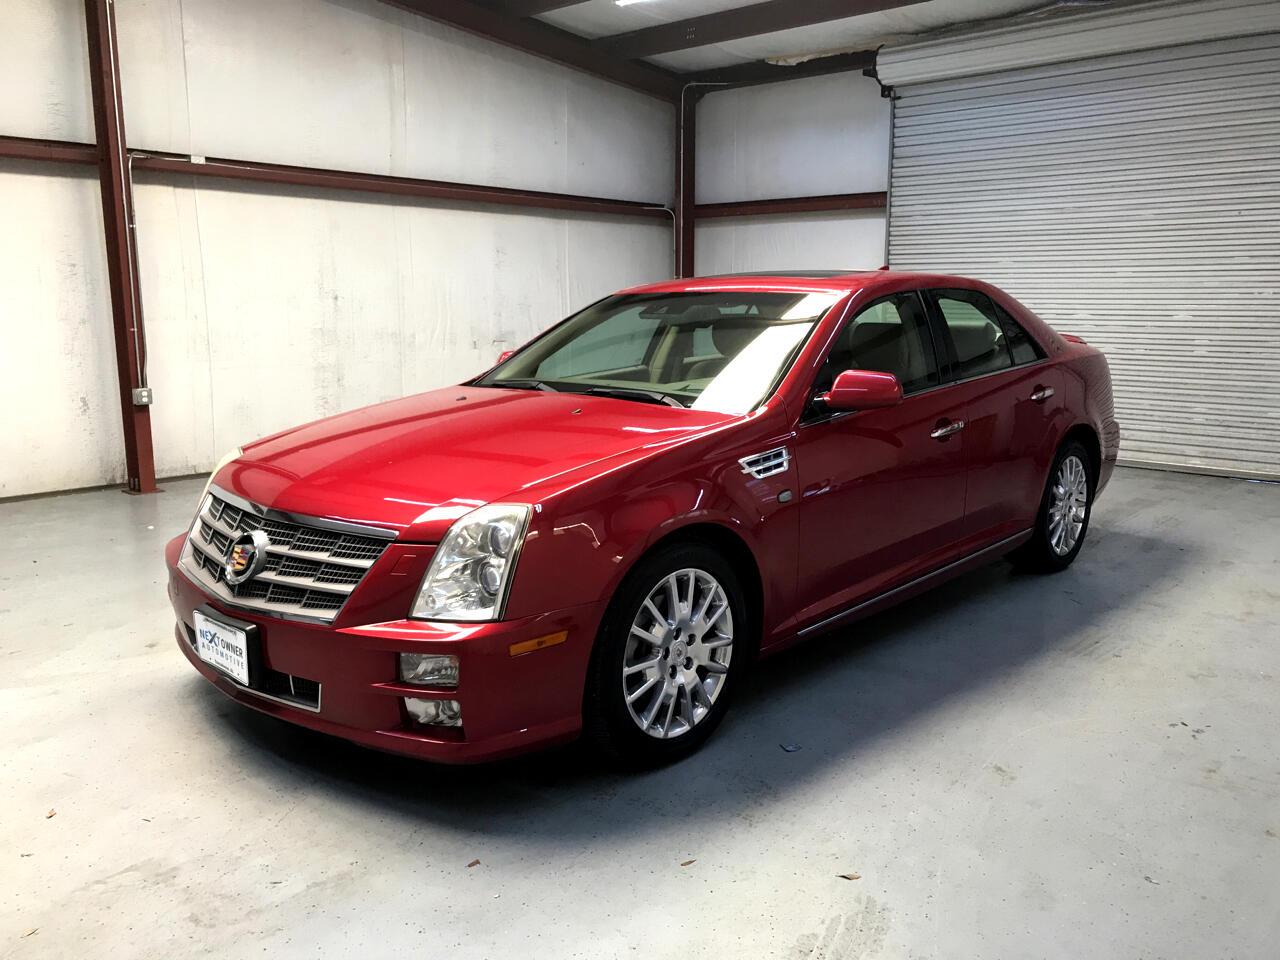 2011 Cadillac STS 4dr Sdn V6 RWD w/1SC